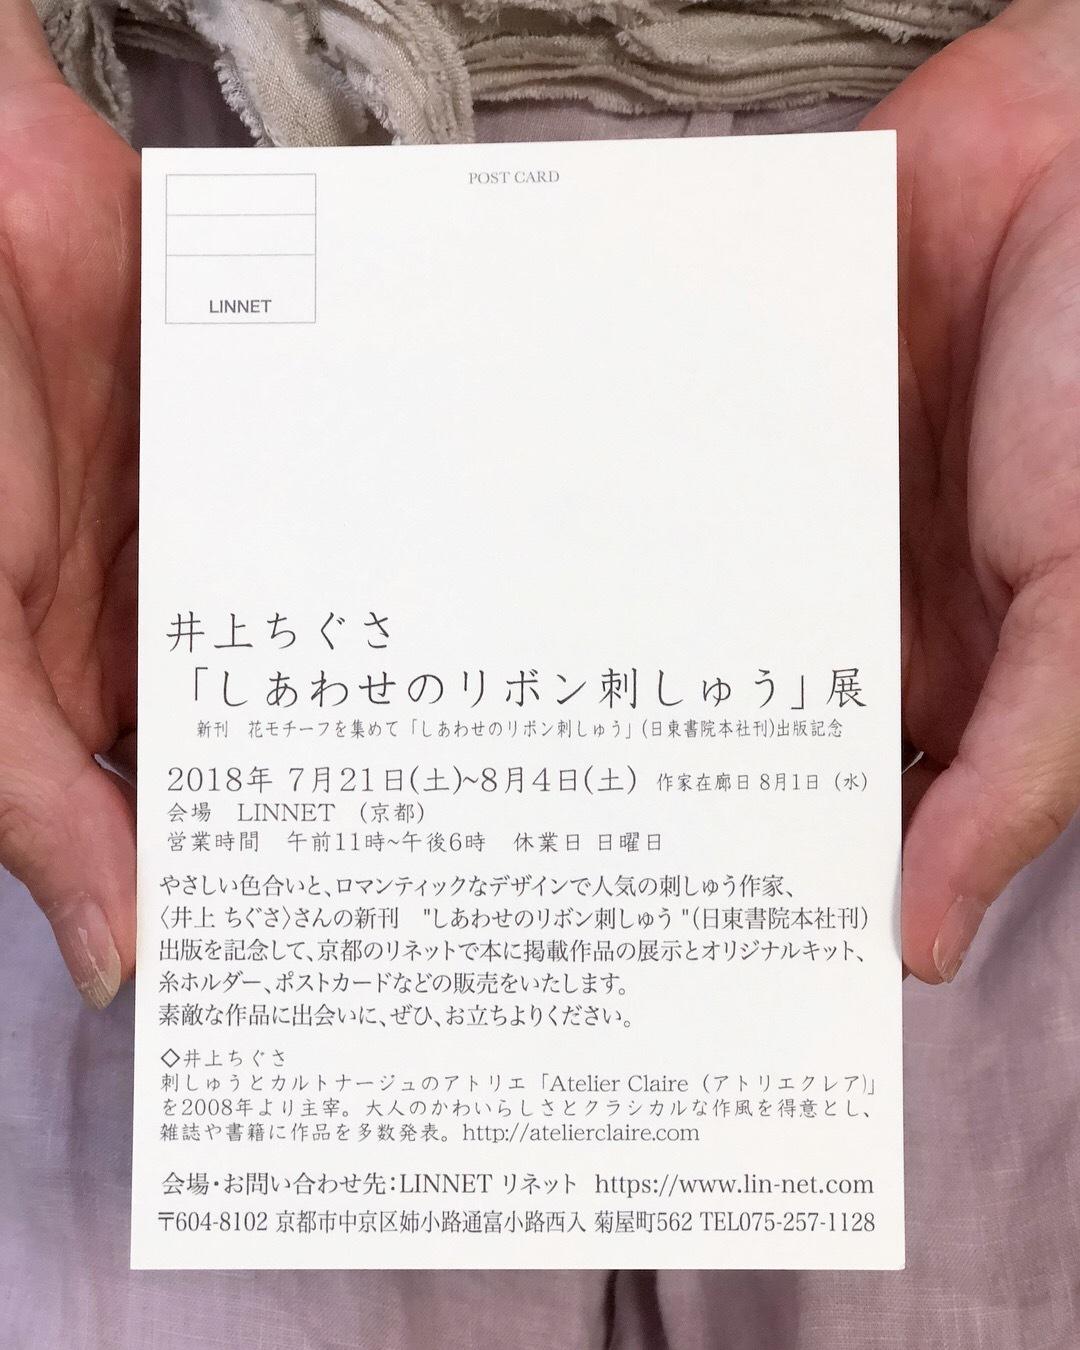 「しあわせのリボン刺しゅう」展 今日で3日目。リネット京都さまにお立ち寄りくださいね_a0157409_10020290.jpeg